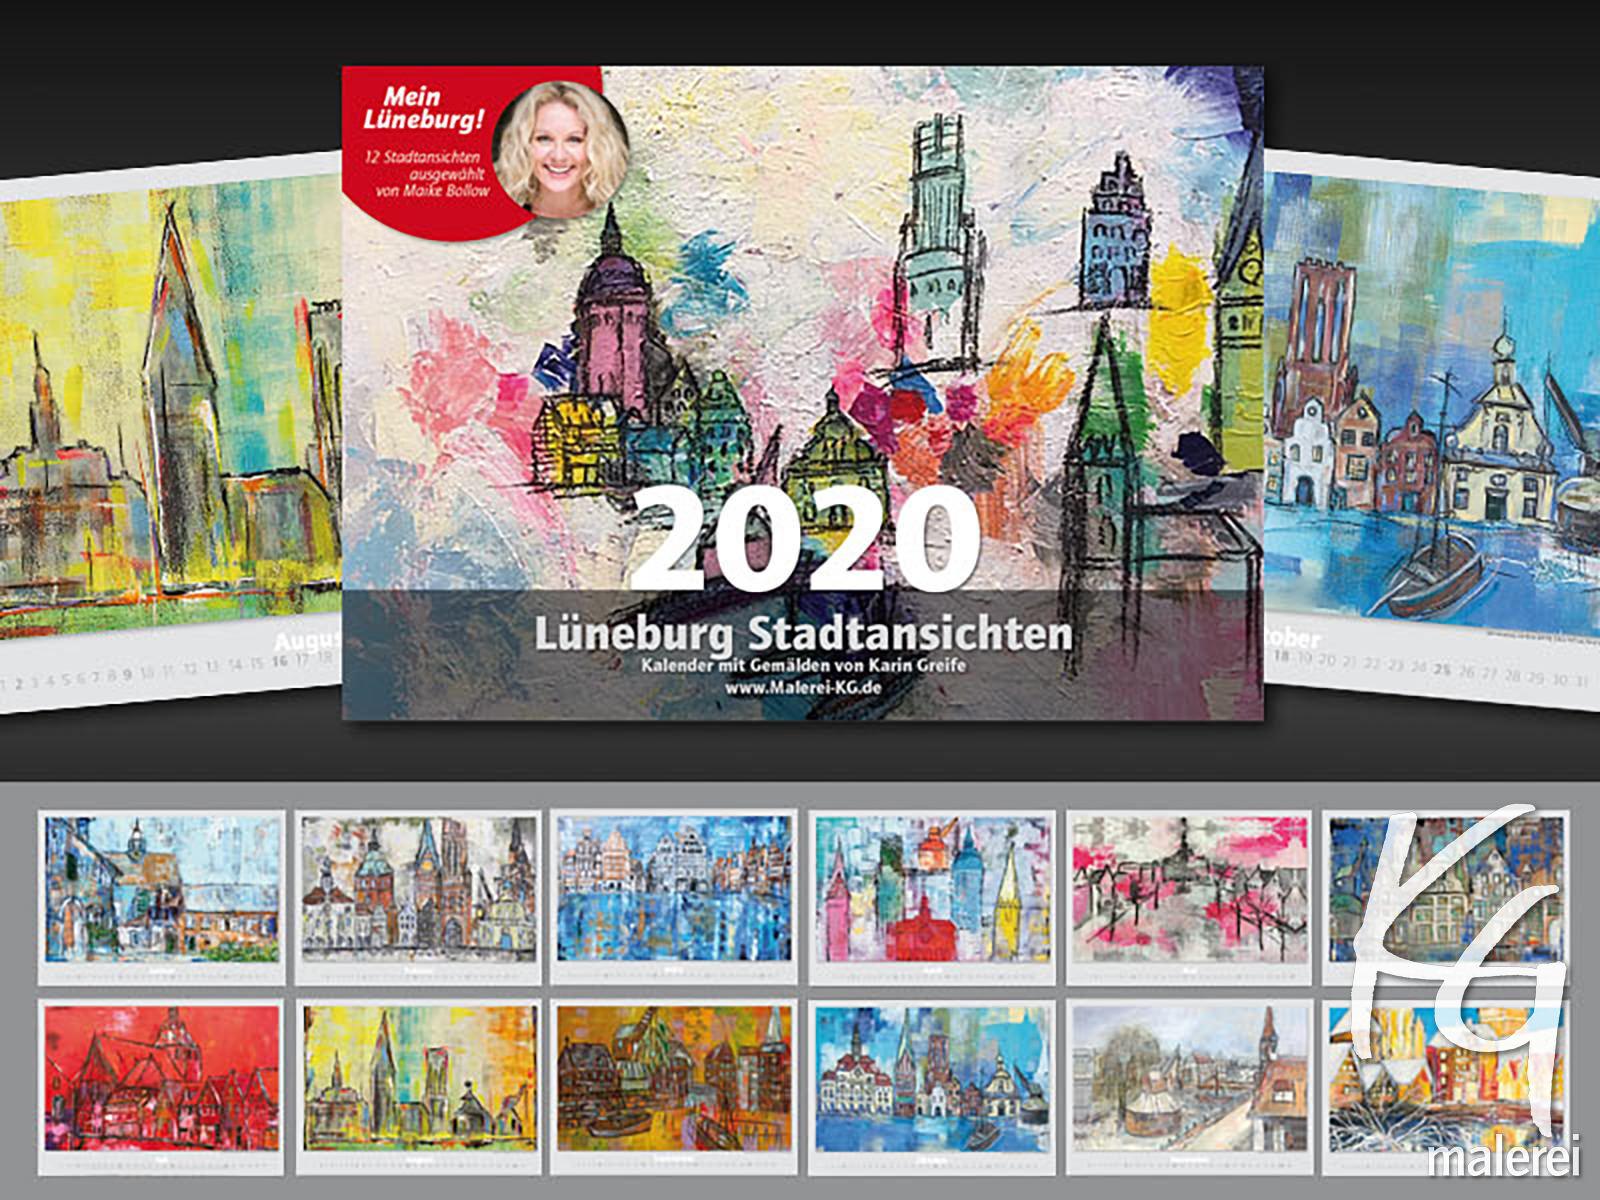 Kunst Kalender von Karin Greife 2020 mit Lüneburg Motiven